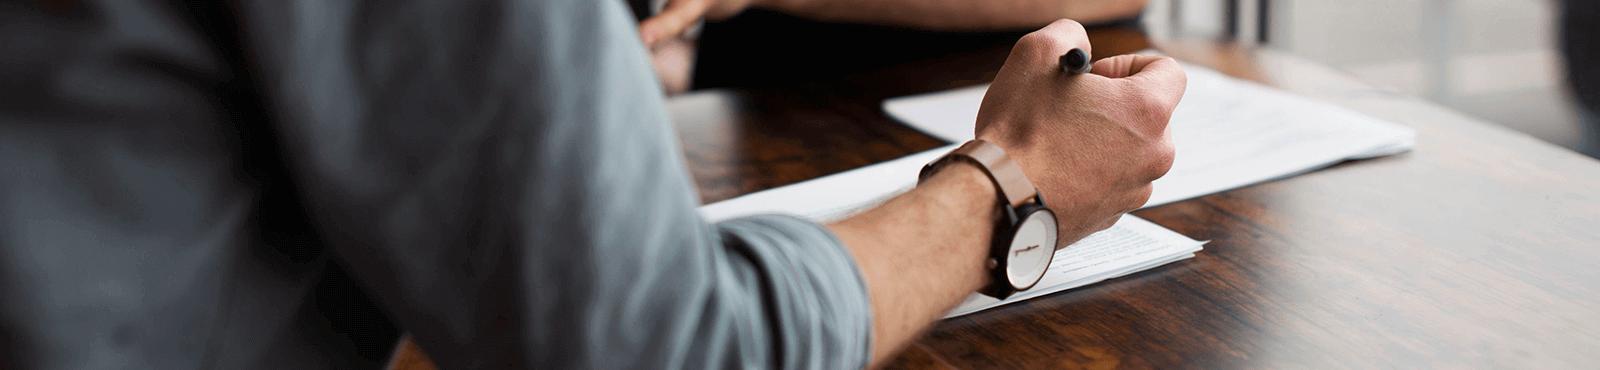 Pflichtangaben auf Rechnungen: Das muss drauf!